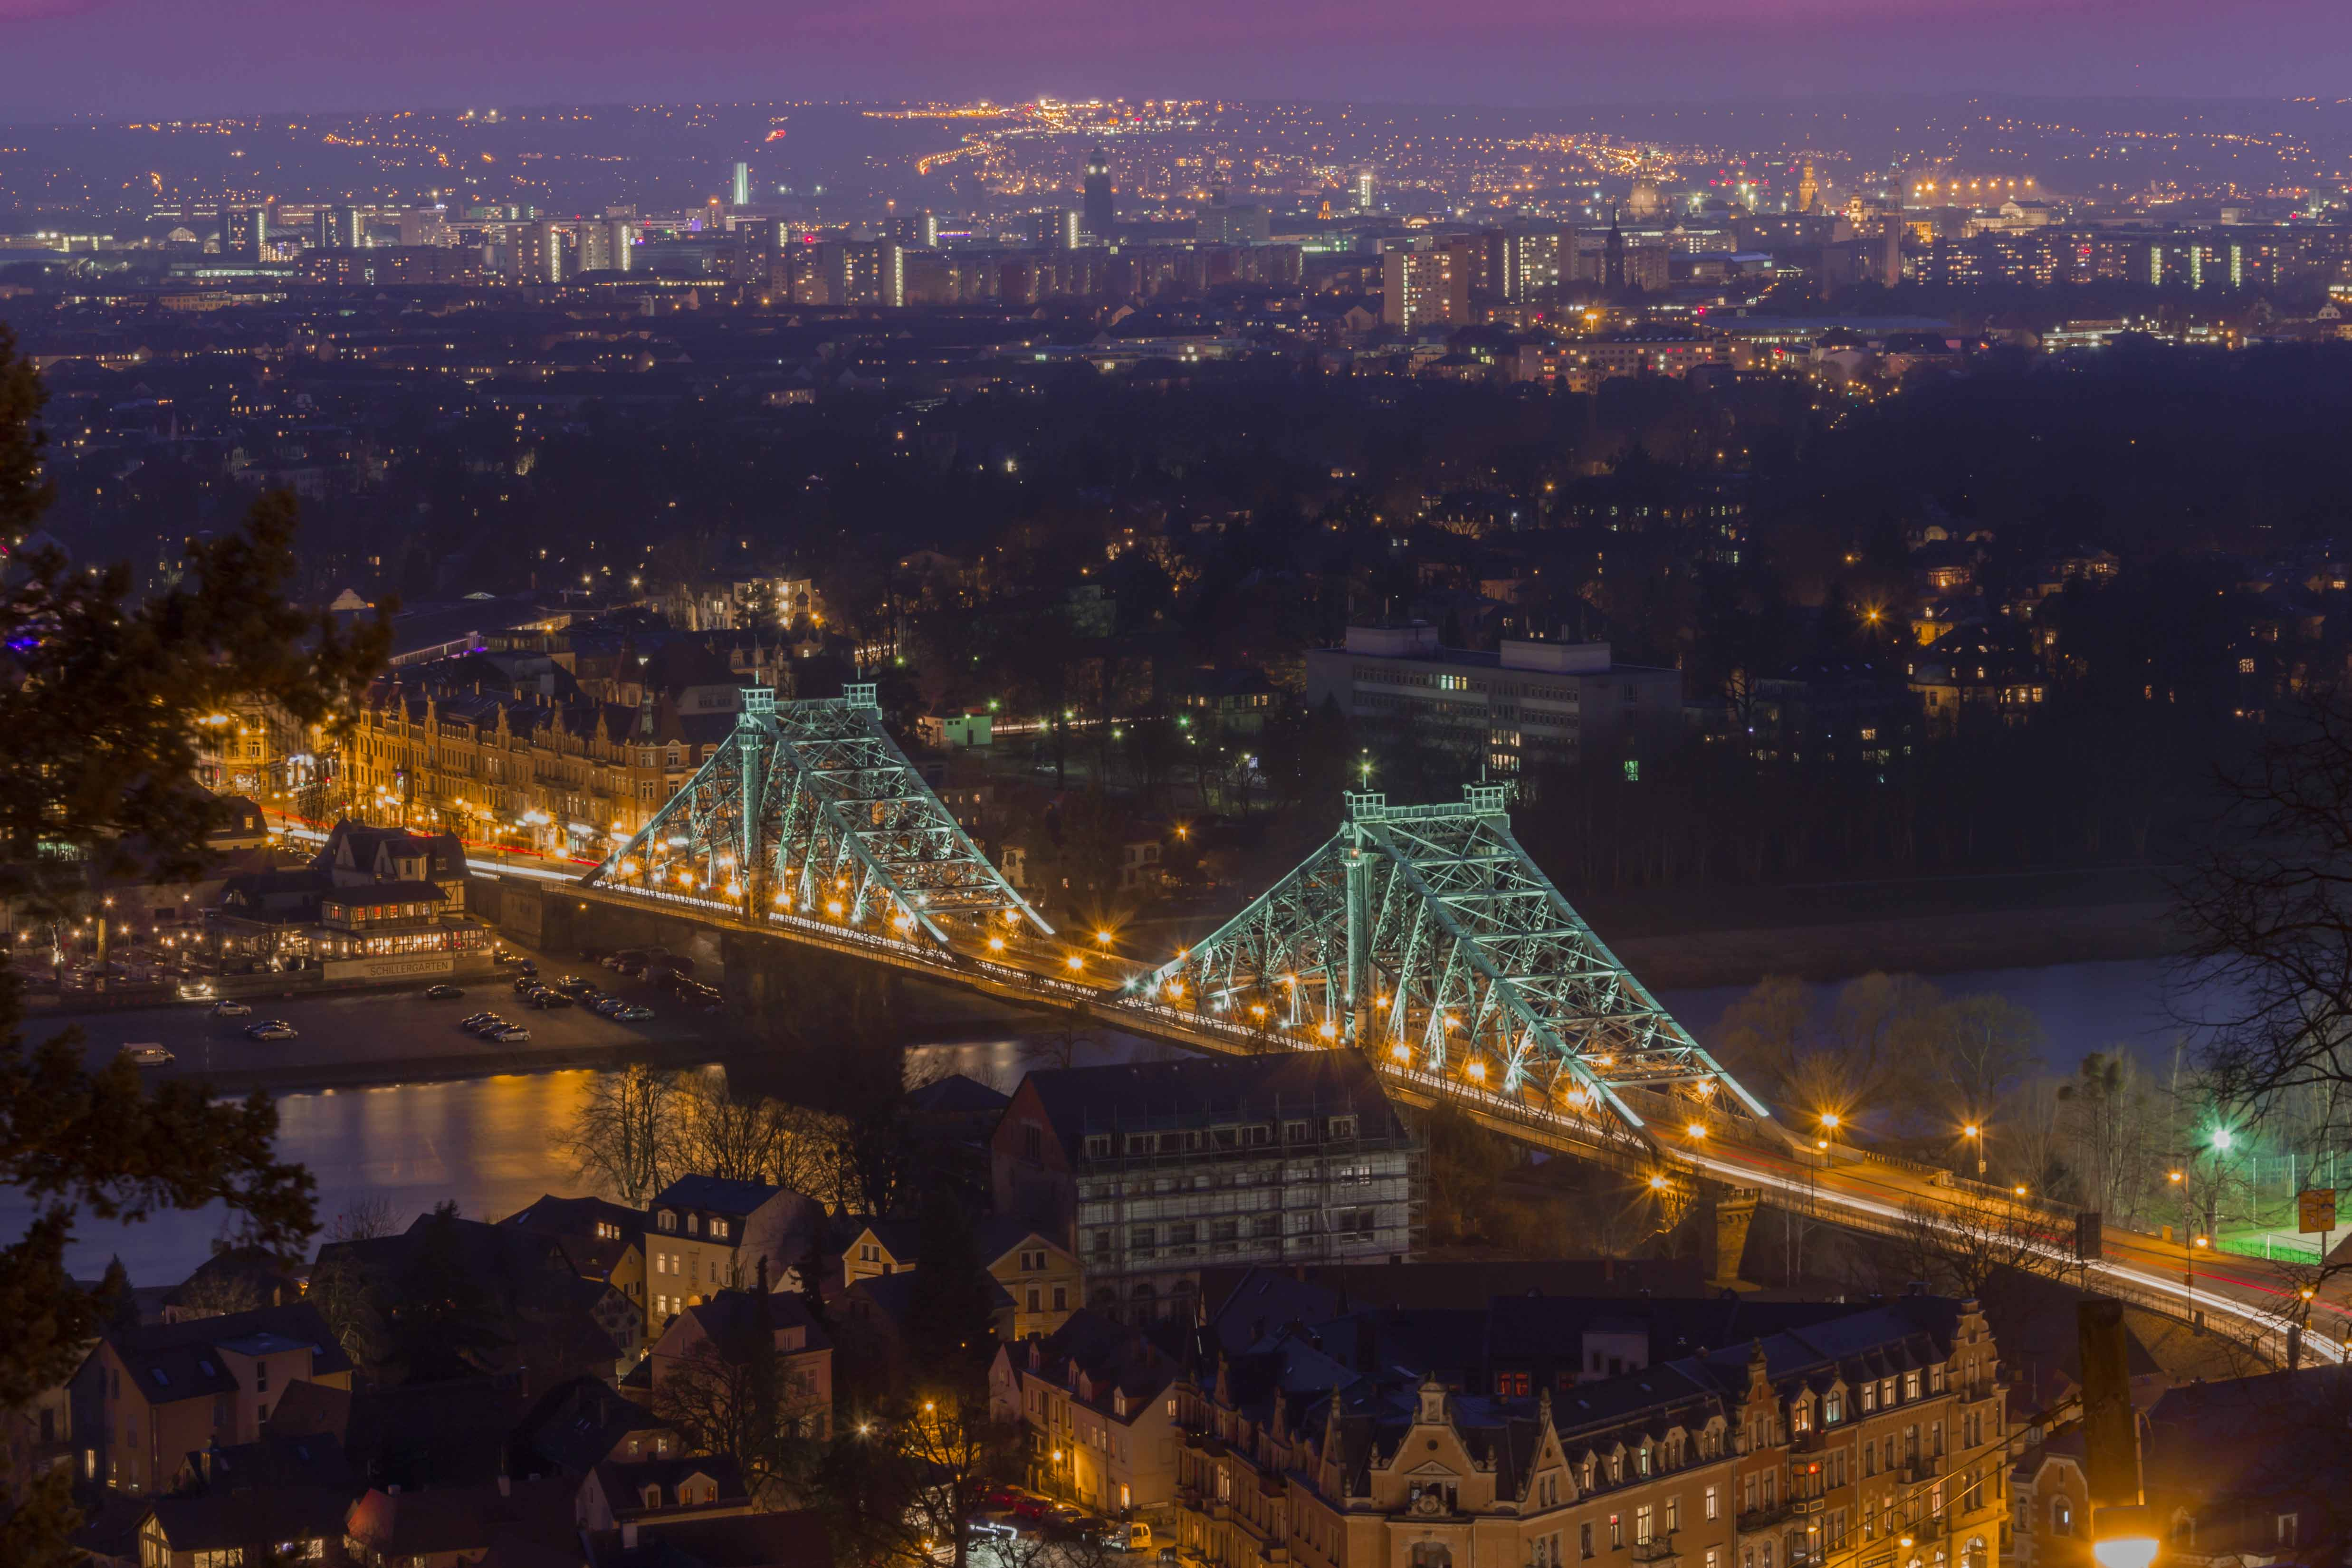 das Blaue Wunder Dresden